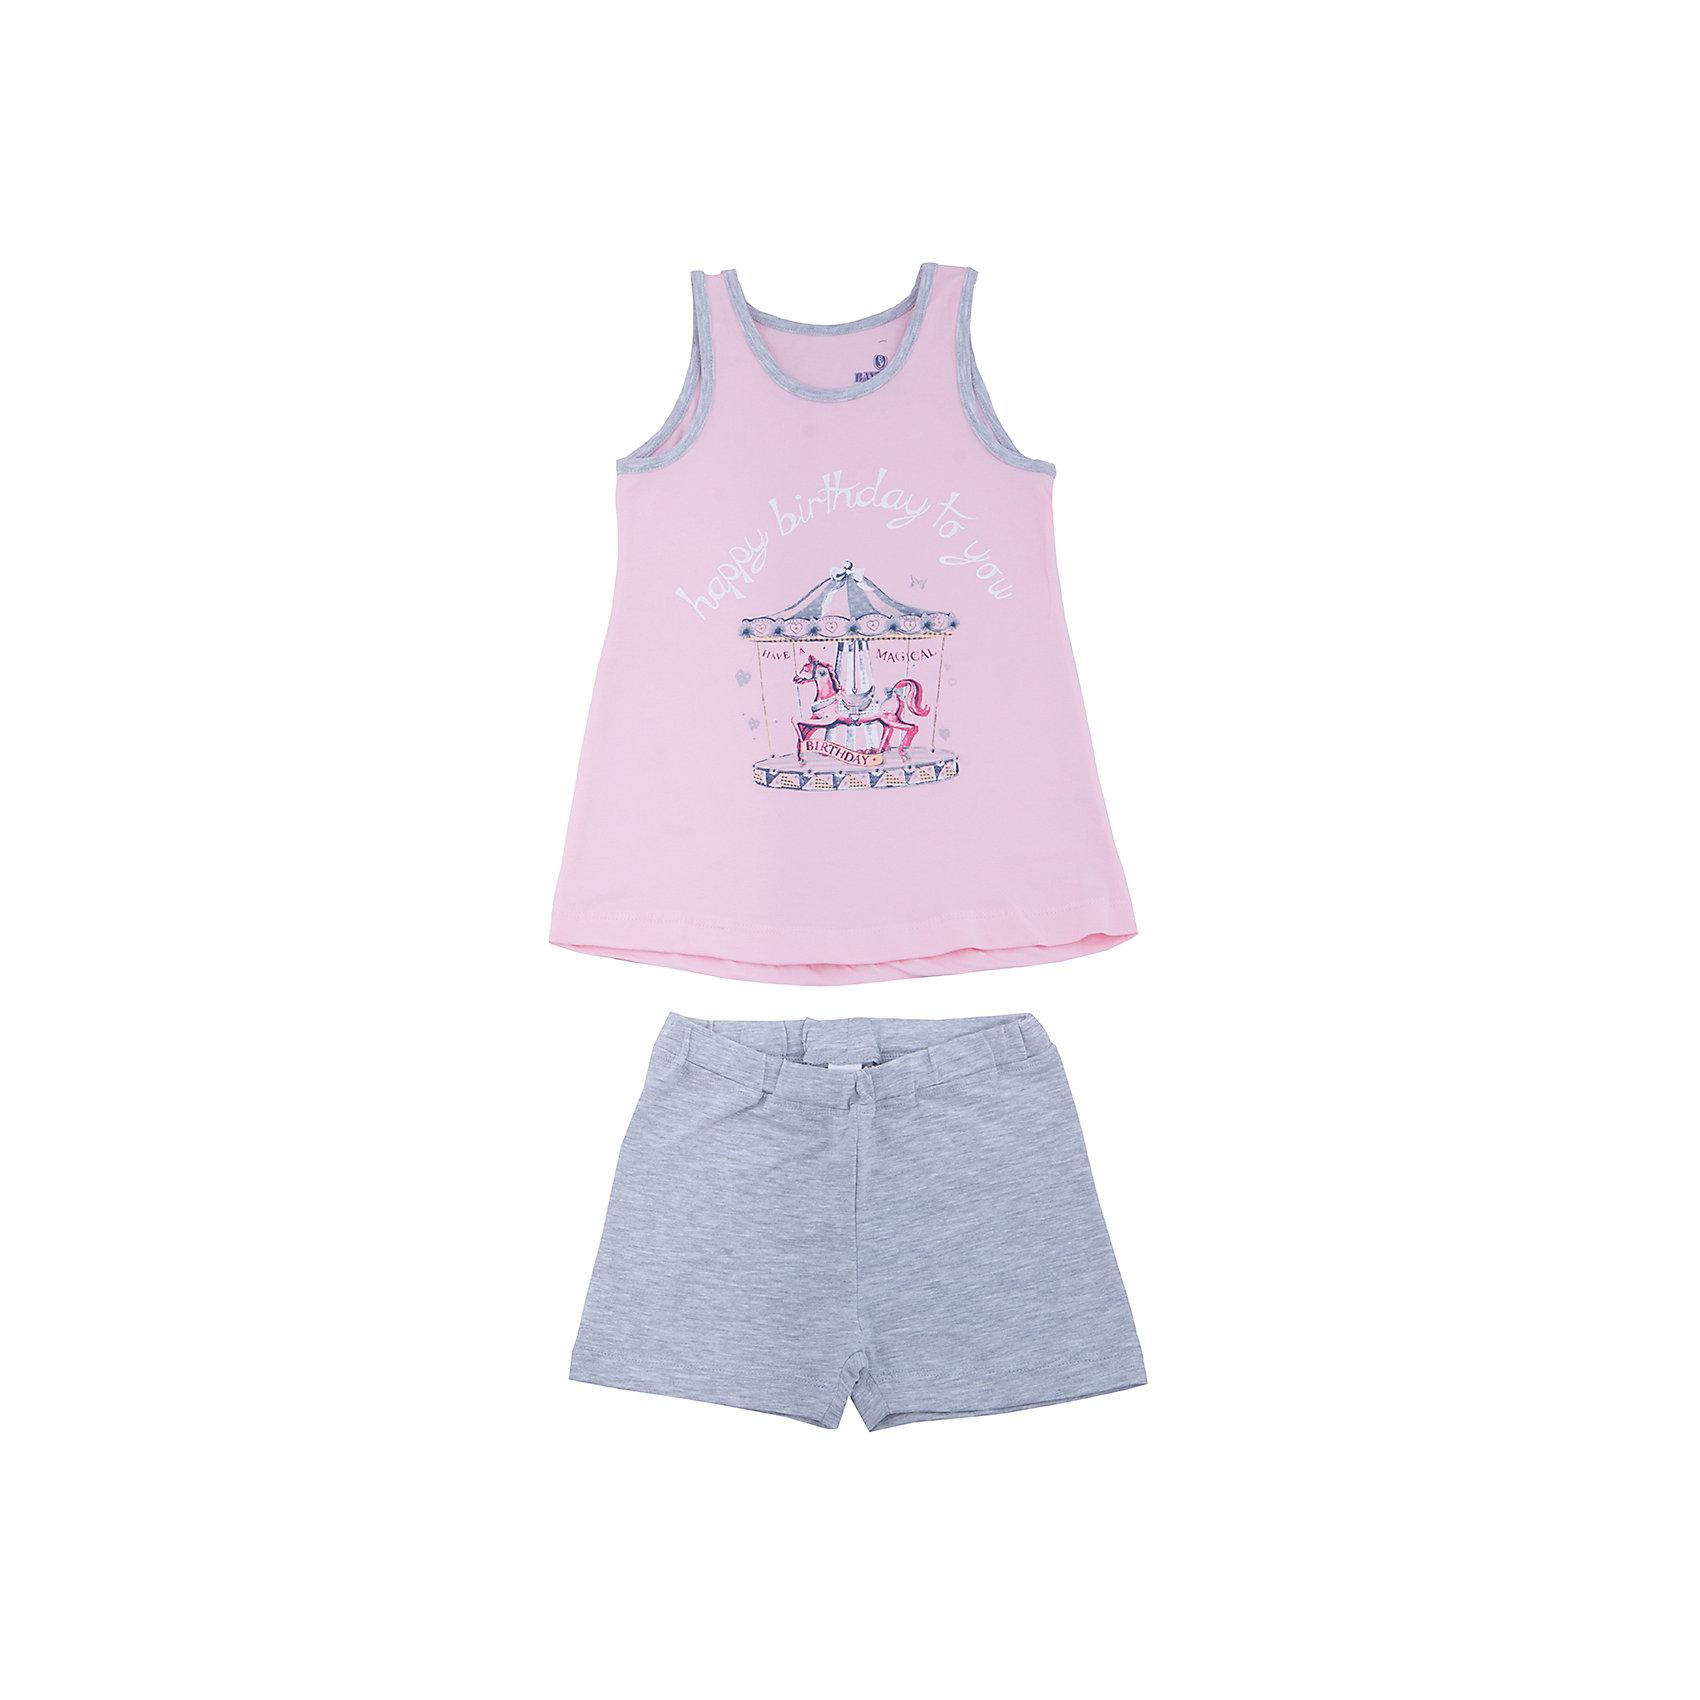 Пижама для девочки BaykarПижамы и сорочки<br>Характеристики товара:<br><br>• цвет: розовый<br>• состав ткани: 95% хлопок; 5% эластан<br>• комплектация: майка, шорты<br>• пояс шорт: резинка<br>• сезон: круглый год<br>• страна бренда: Турция<br>• страна изготовитель: Турция<br><br>Розовая пижама для девочки позволяет обеспечить комфортный сон. Этот комплект для сна из майки и шорт сделан из мягкого дышащего материала. <br><br>Продуманный крой обеспечивает комфортную посадку. Пижама для девочки Baykar украшена симпатичным принтом.<br><br>Пижаму для девочки Baykar (Байкар) можно купить в нашем интернет-магазине.<br><br>Ширина мм: 281<br>Глубина мм: 70<br>Высота мм: 188<br>Вес г: 295<br>Цвет: розовый<br>Возраст от месяцев: 72<br>Возраст до месяцев: 84<br>Пол: Женский<br>Возраст: Детский<br>Размер: 116/122,98/104,104/110,110/116<br>SKU: 6764832